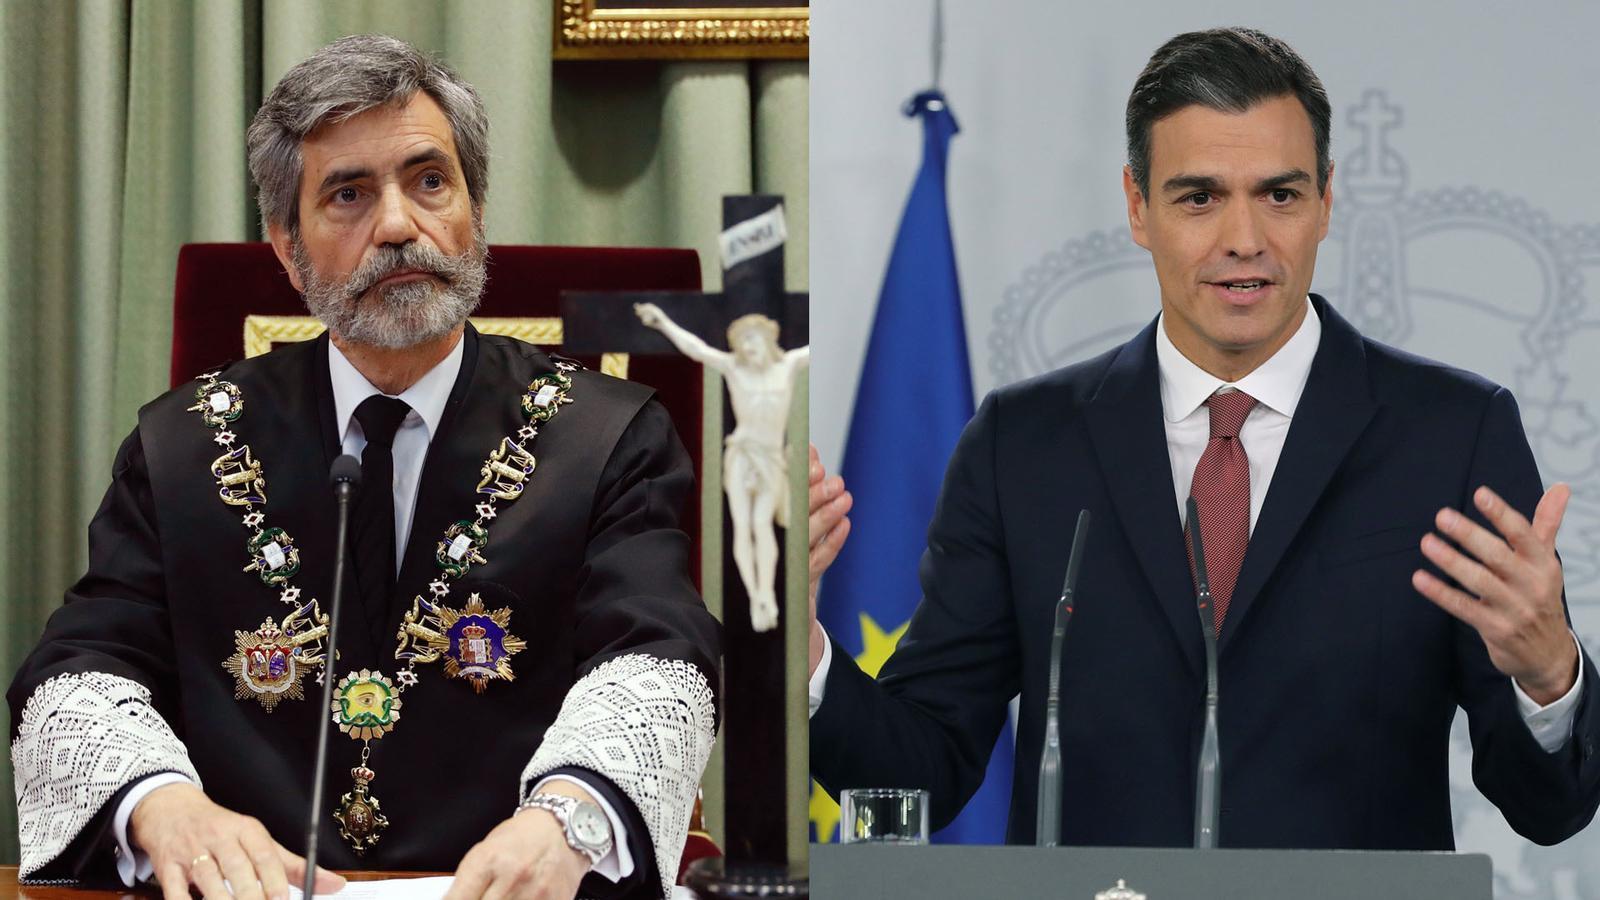 L'anàlisi d'Antoni Bassas: 'Pedro Sánchez i Tribunal Suprem, en evidència'